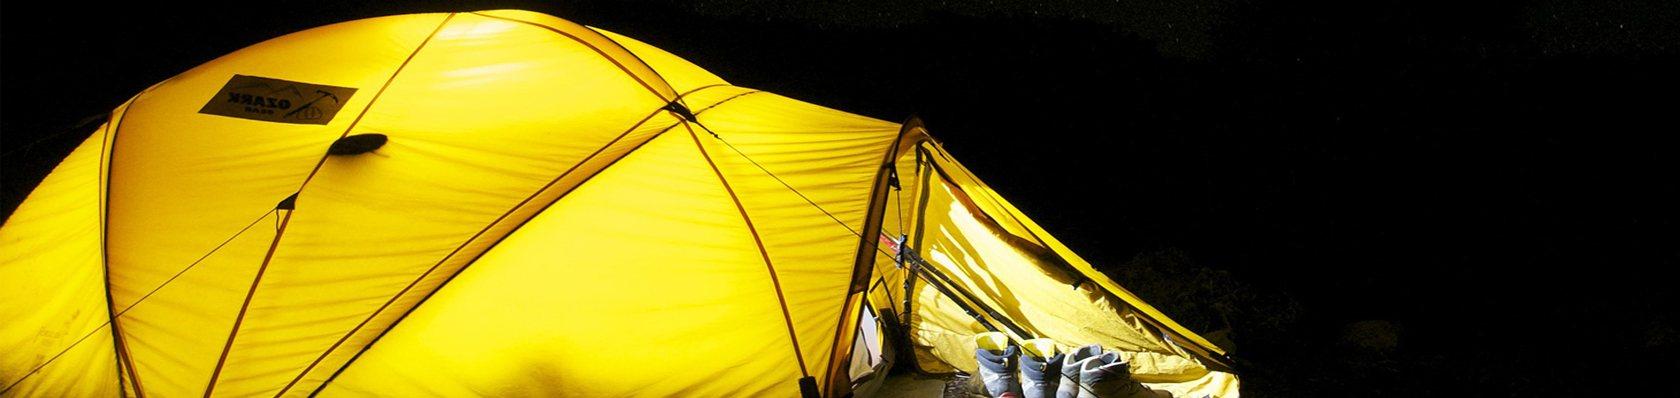 2 Personen Zelte im Test auf ExpertenTesten.de